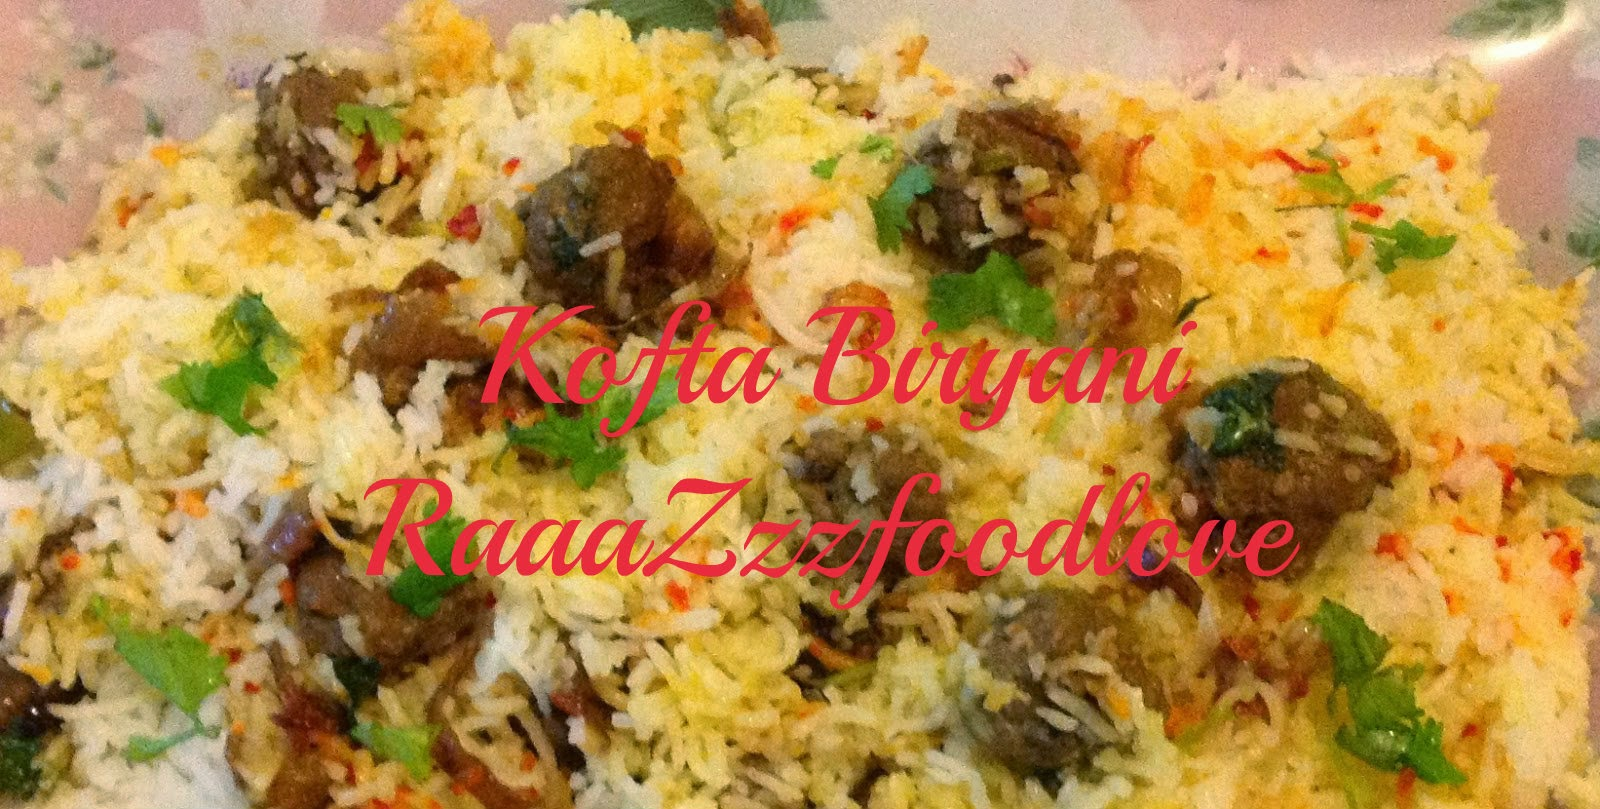 http://raaazzzfoodlove.blogspot.in/2013/04/kofta-biryani.html